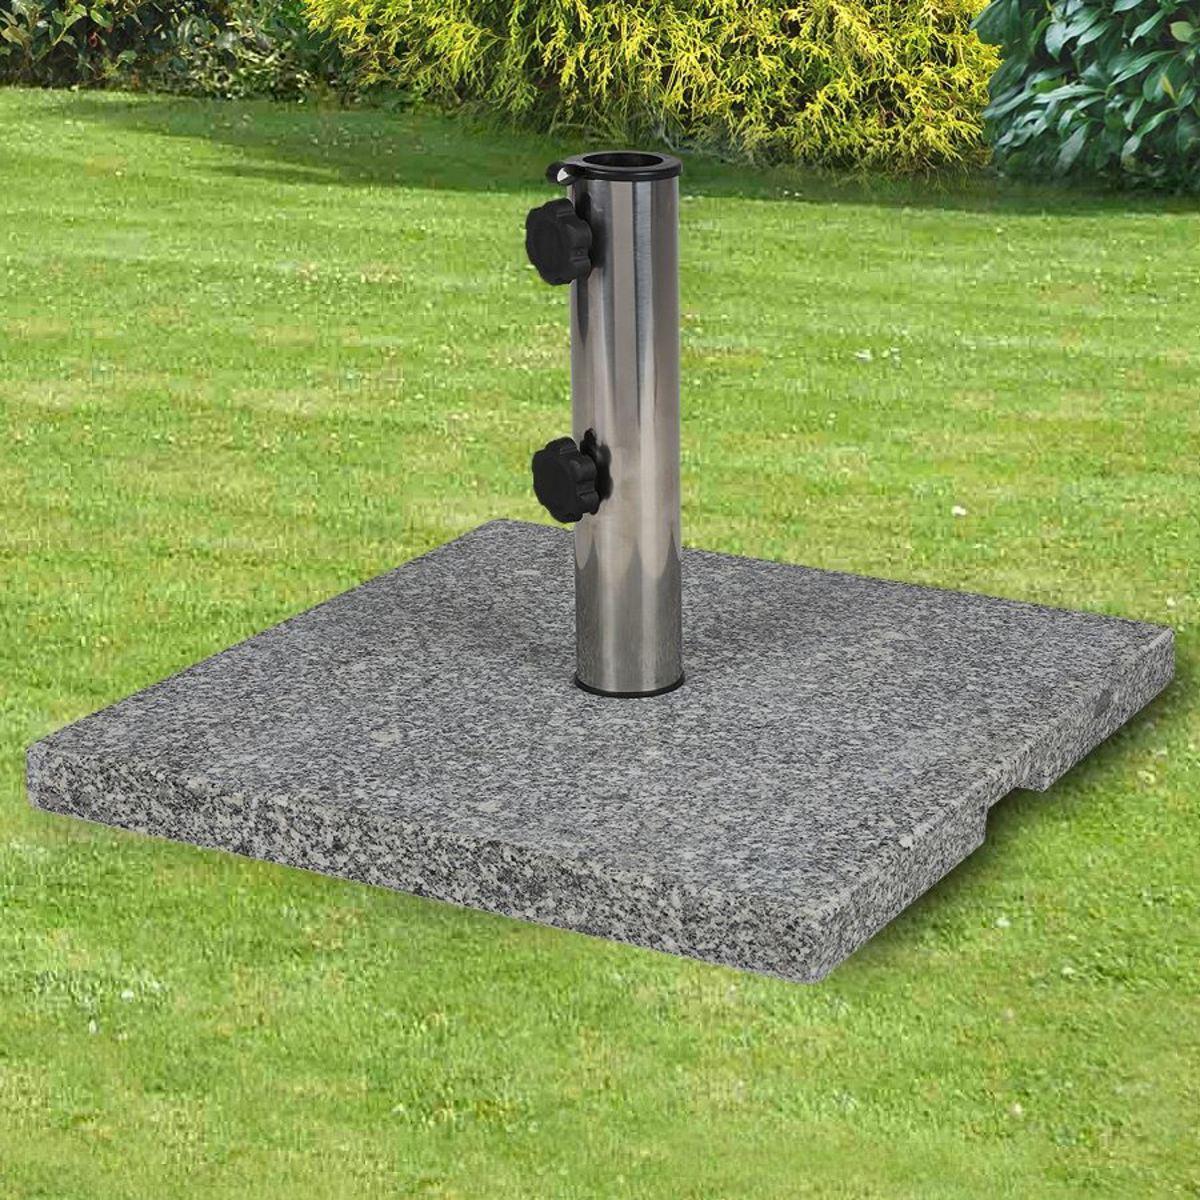 Bild 1 von Granit-Sonnenschirmständer eckig 20kg, poliertes Granit, Gewicht: 20kg